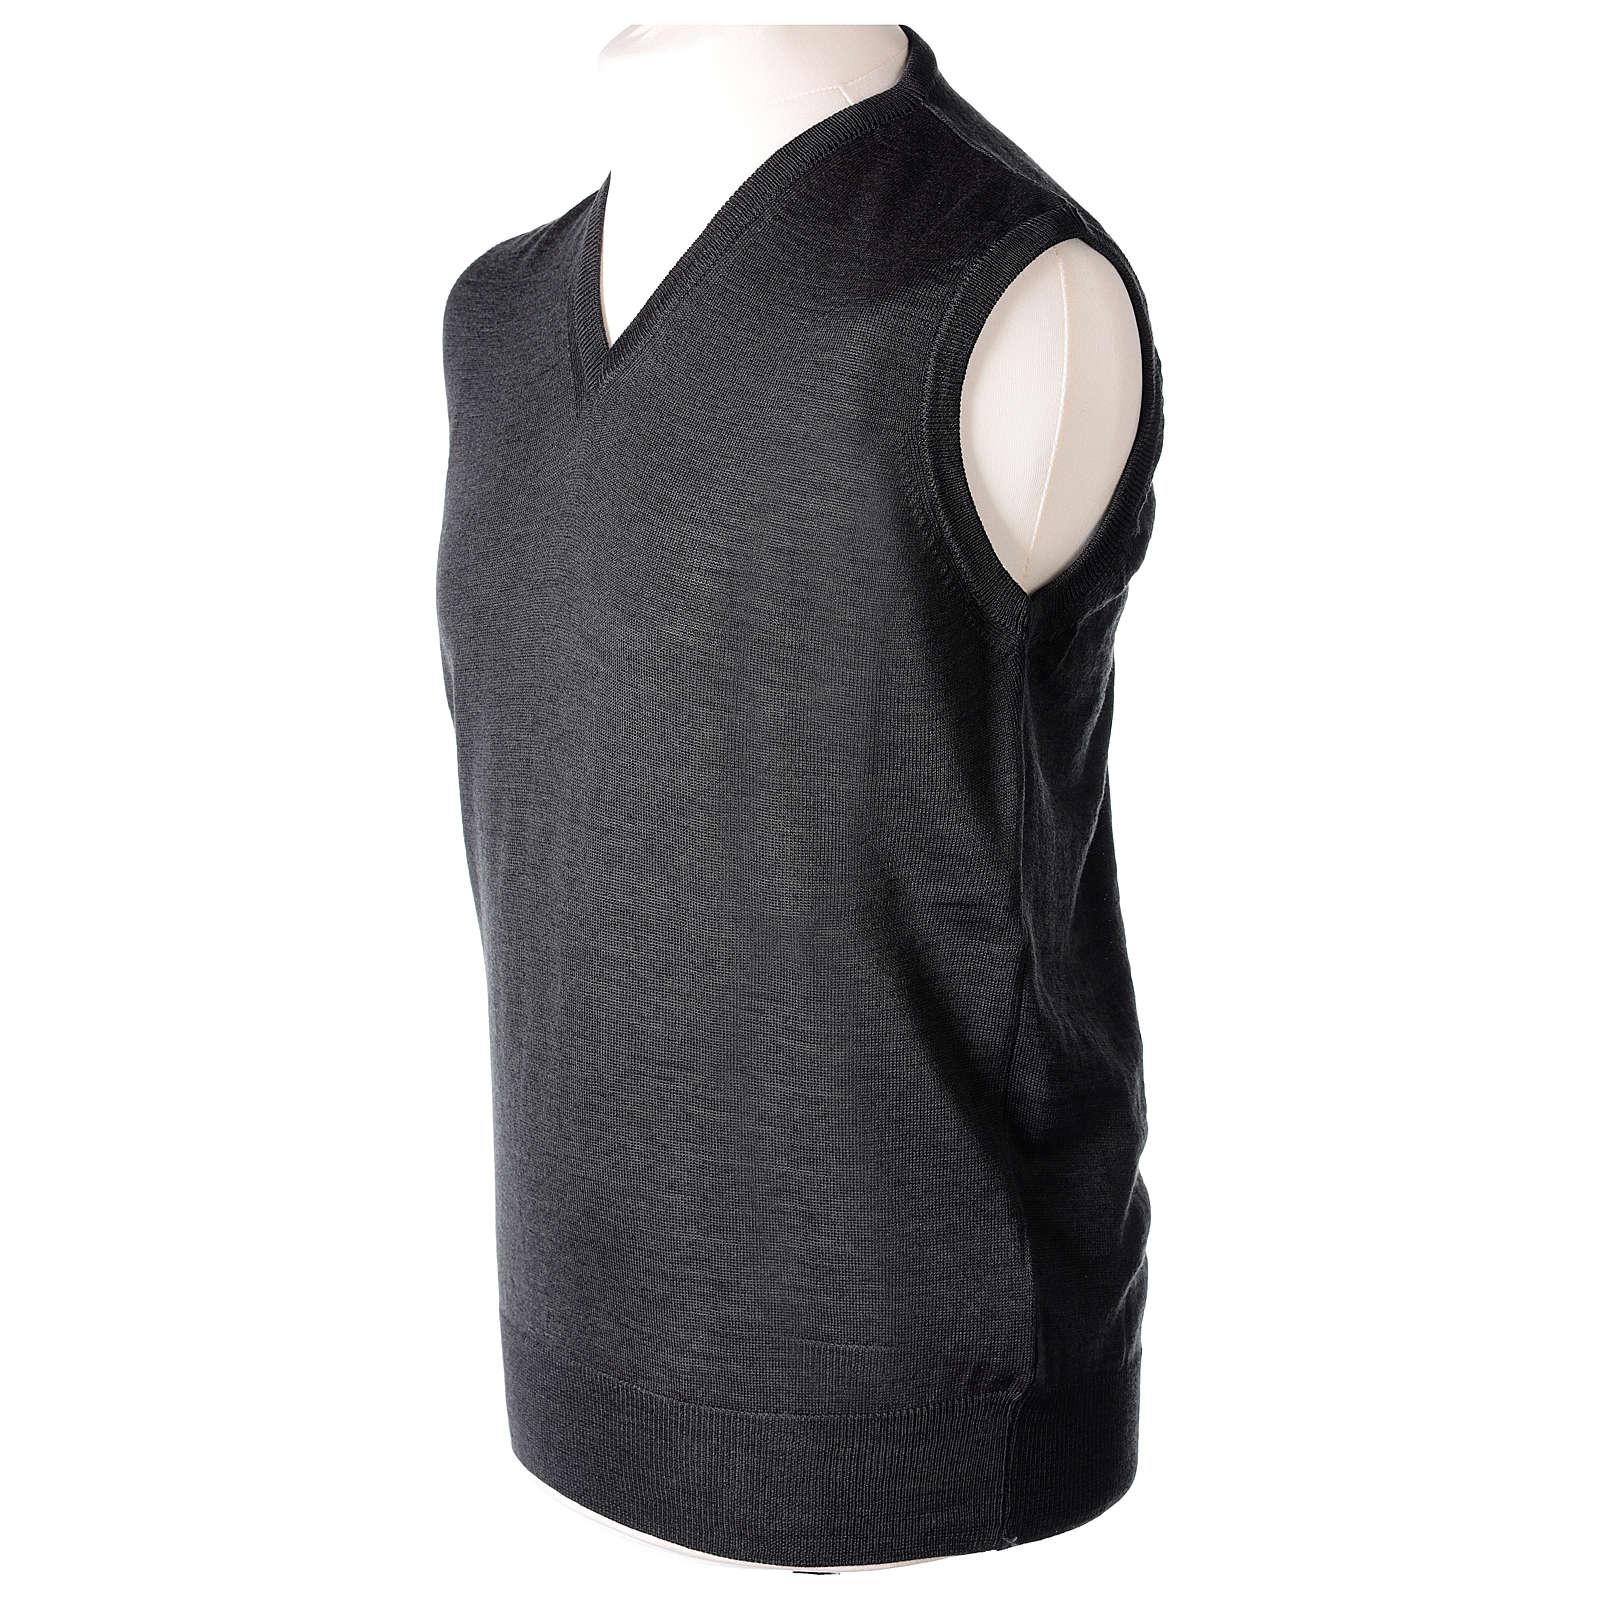 Gilet sacerdote grigio antracite chiuso maglia rasata 50% lana merino 50% acrilico In Primis 4